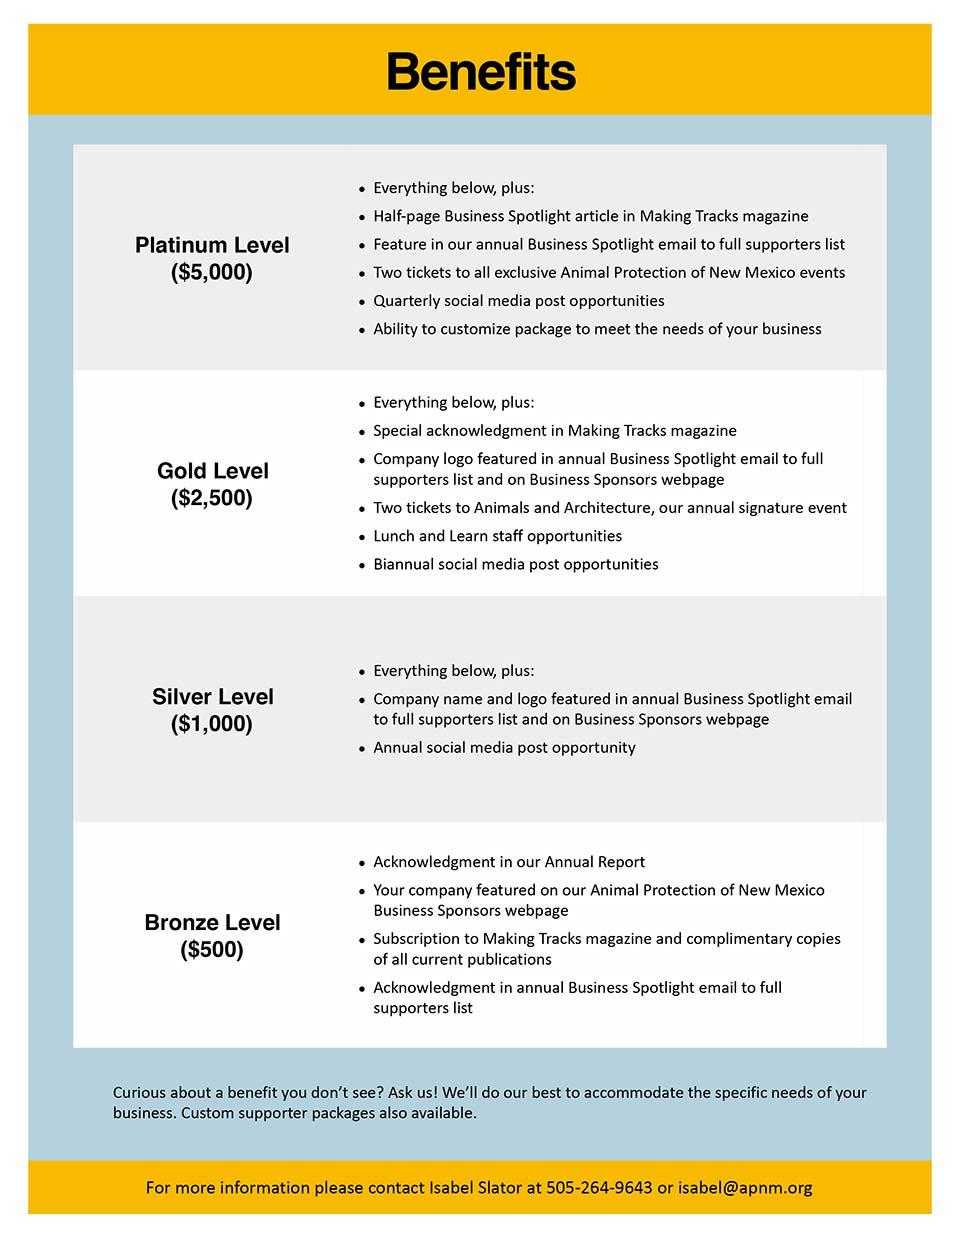 APNM Business Sponsorships